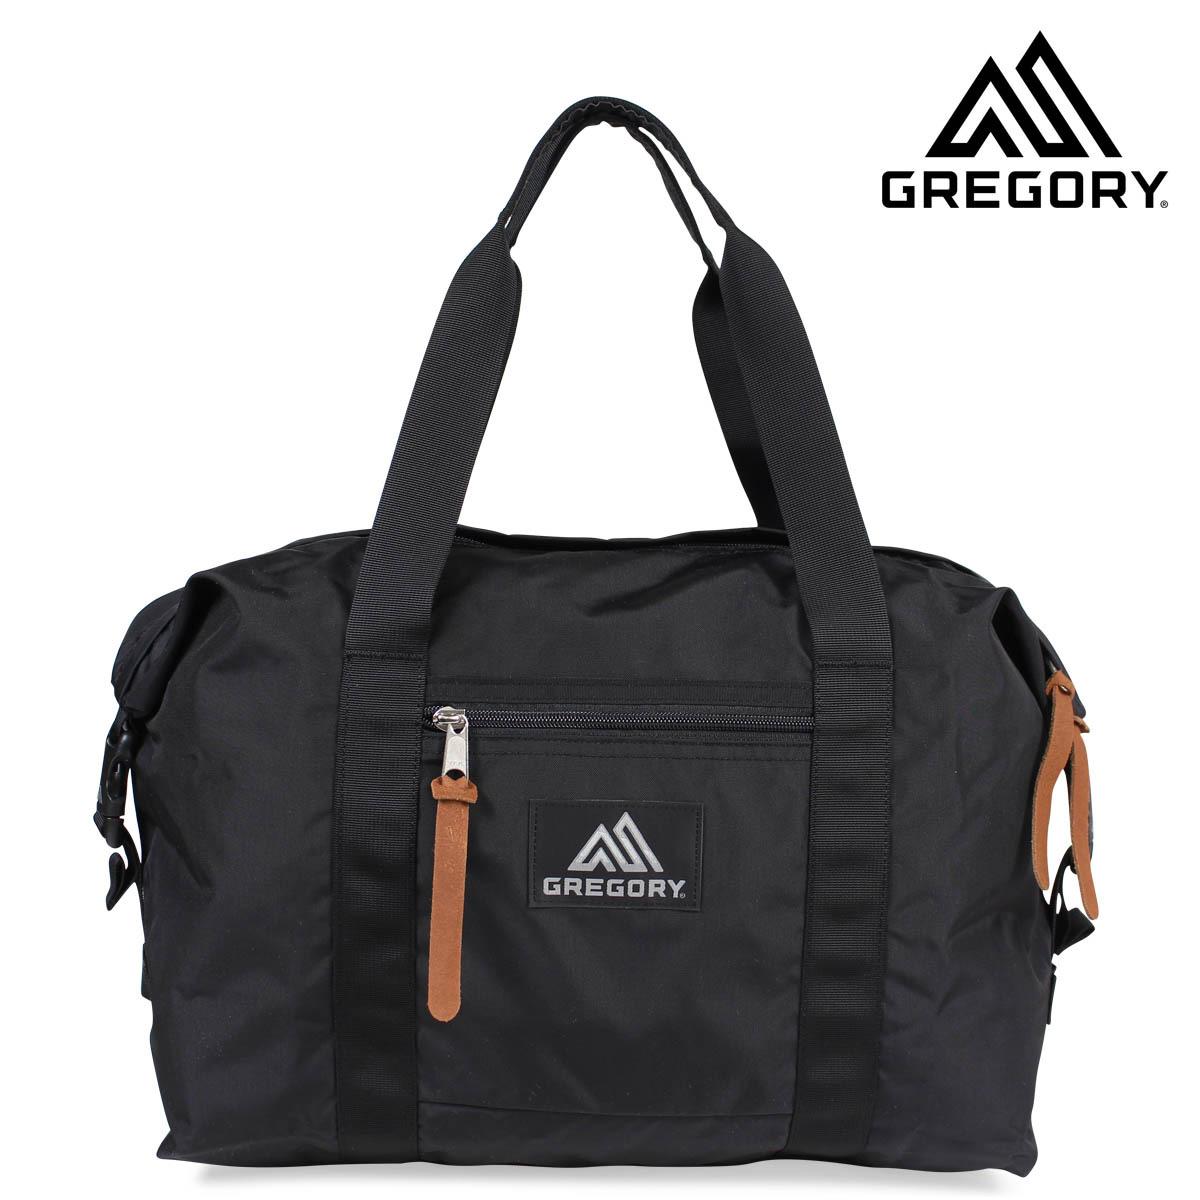 GREGORY PULL DOWN TOTE グレゴリー トートバッグ 32L プルダウン ブラック メンズ レディース 65328-1041